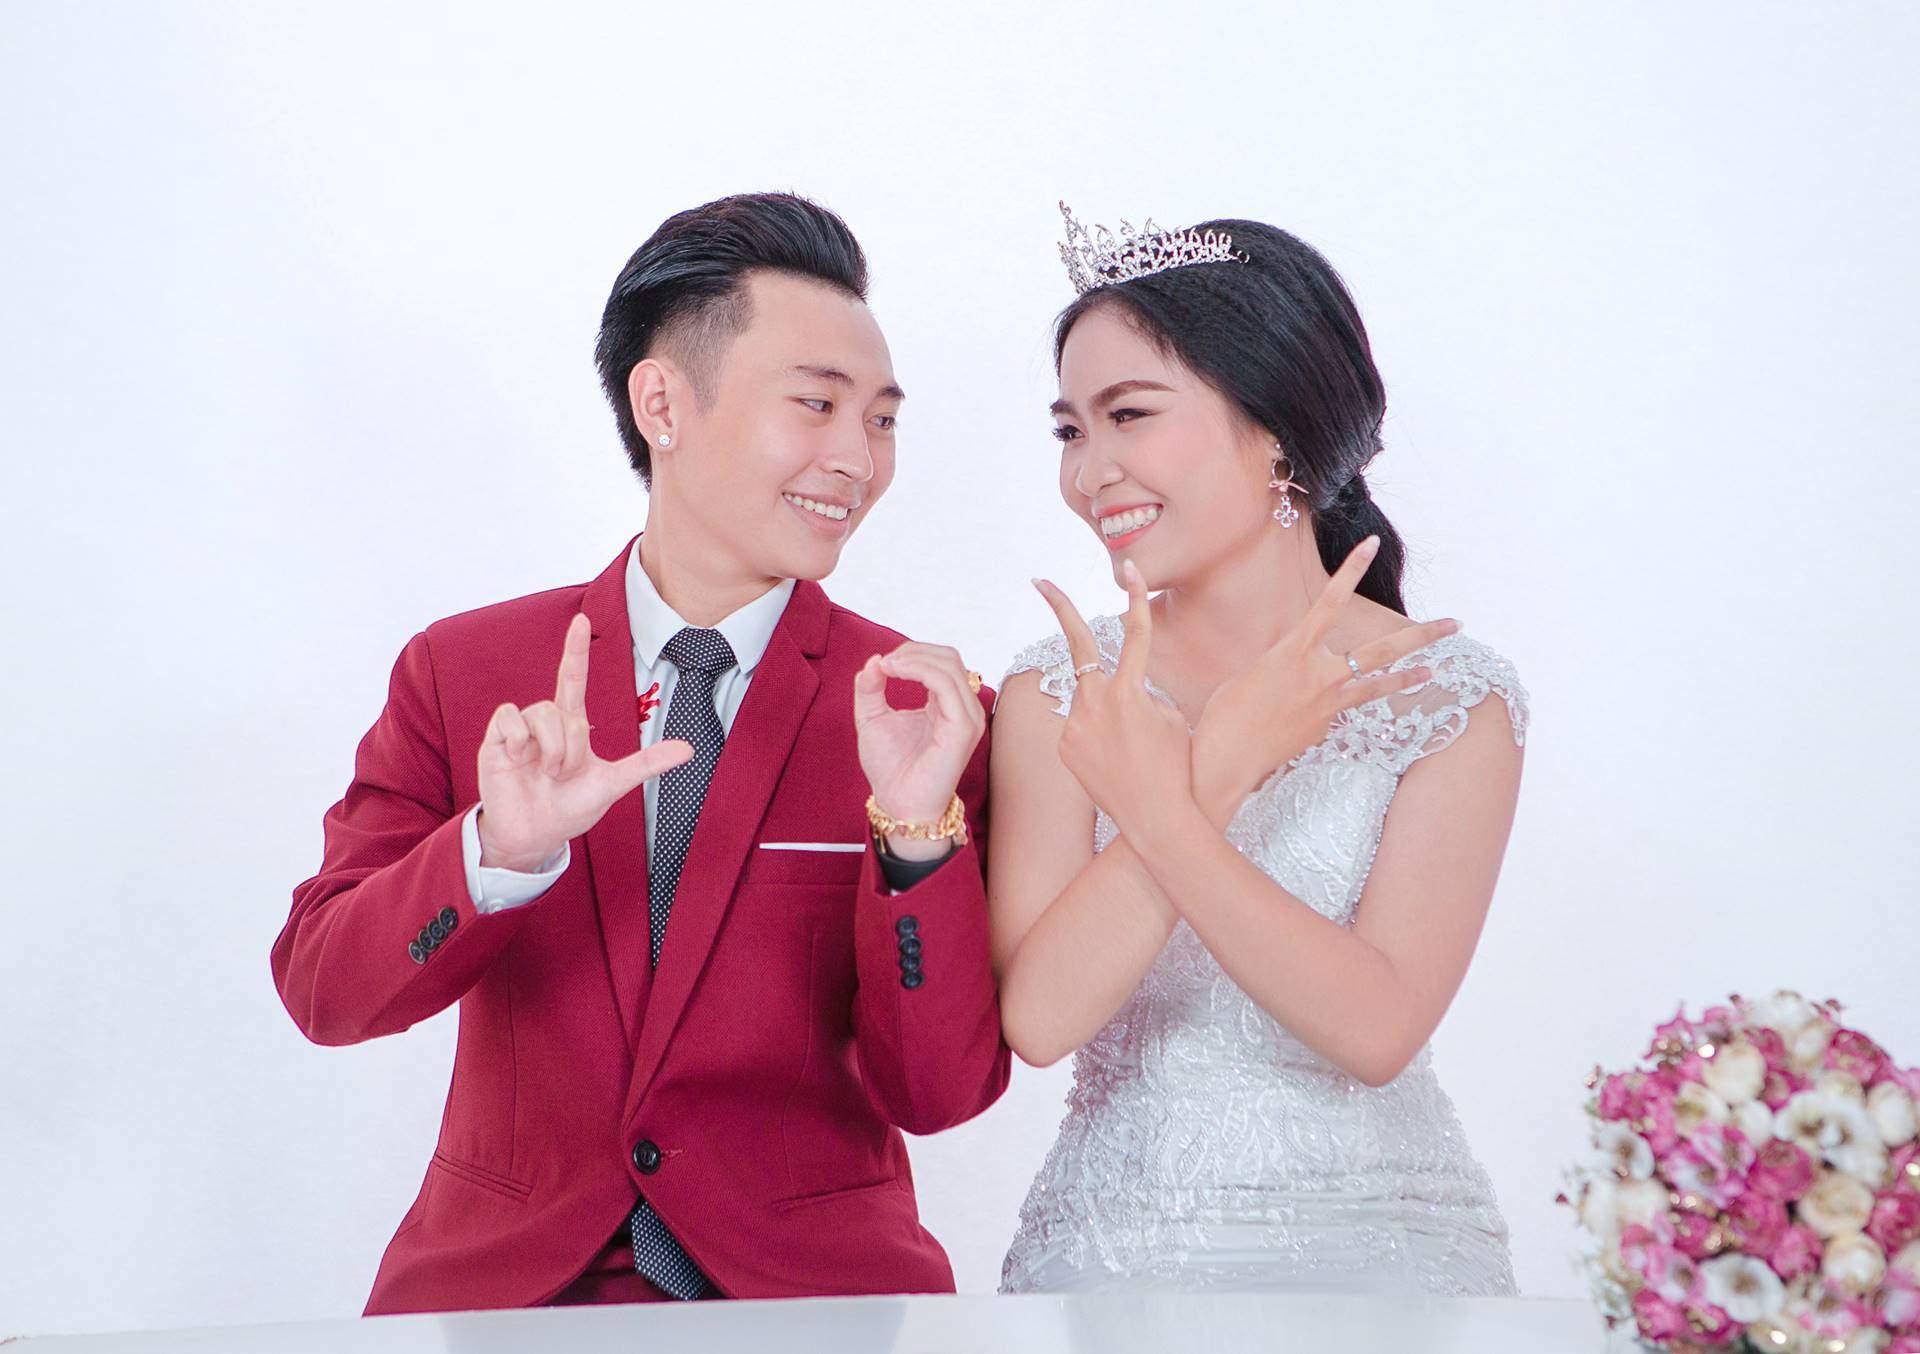 Chụp hình cưới tại Donald studio